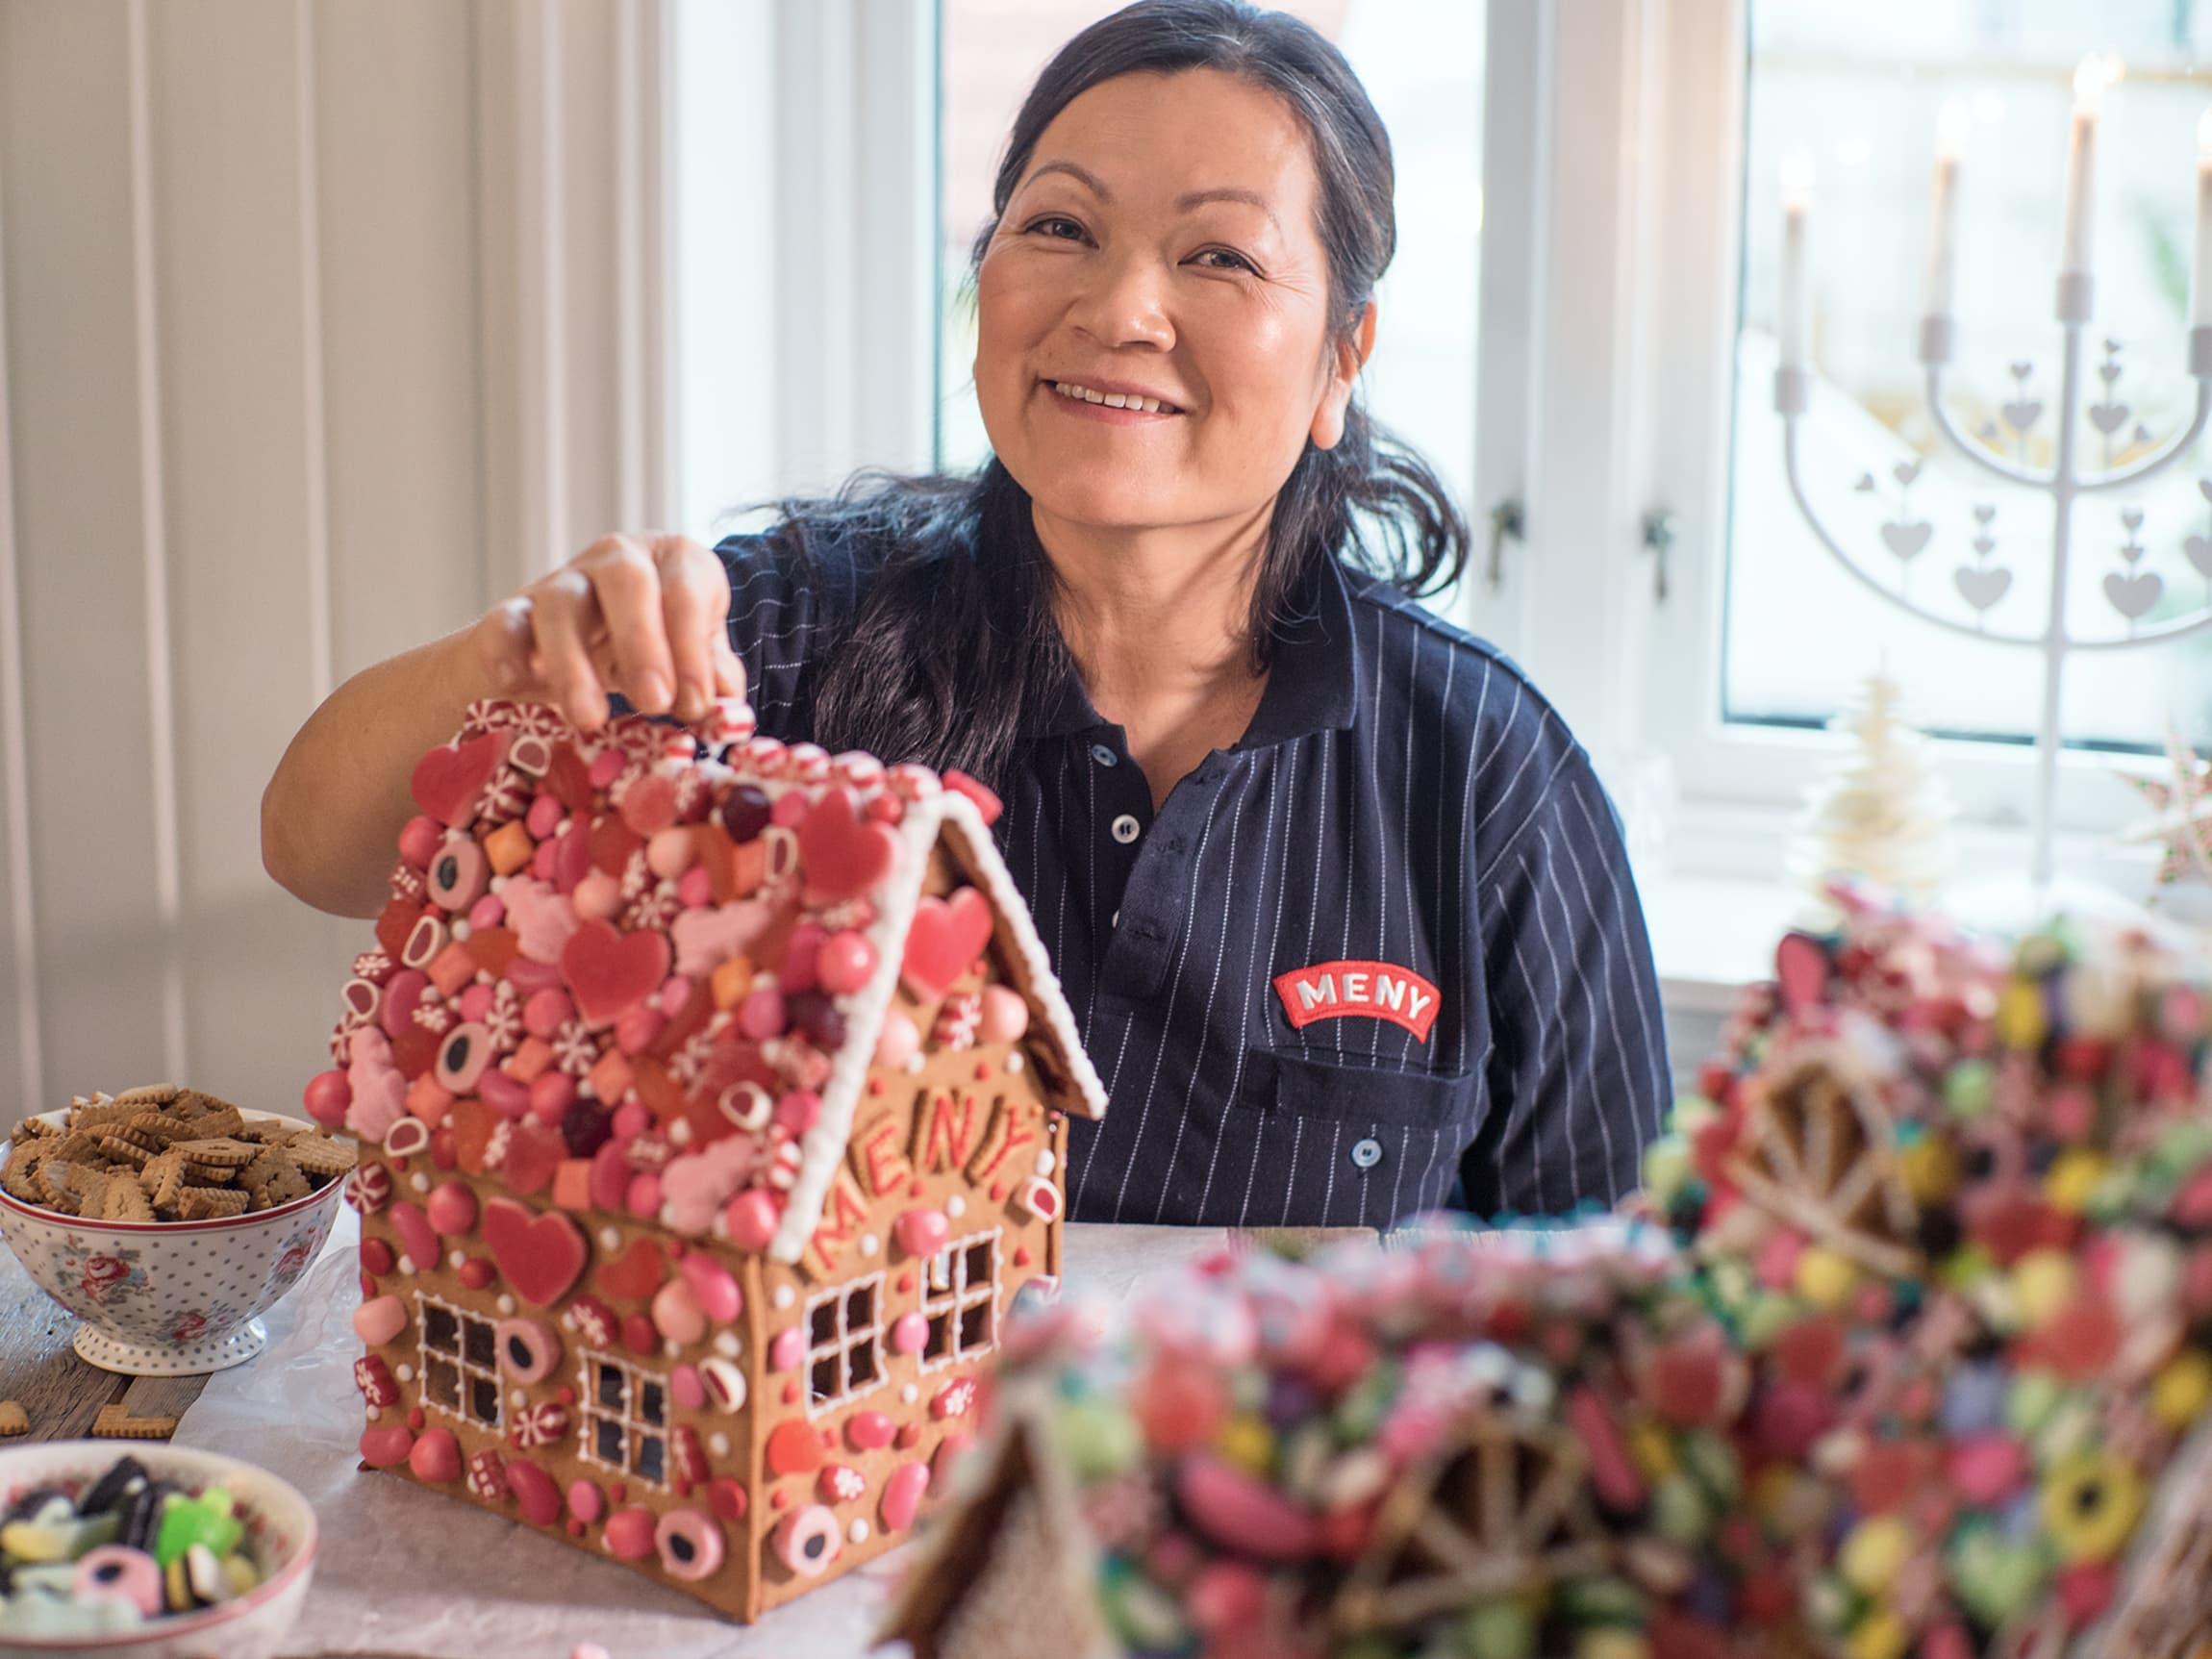 Linn Kristina blir inspirert av eventyr som Hans og Grete når hun skal pynte pepperkakehus.